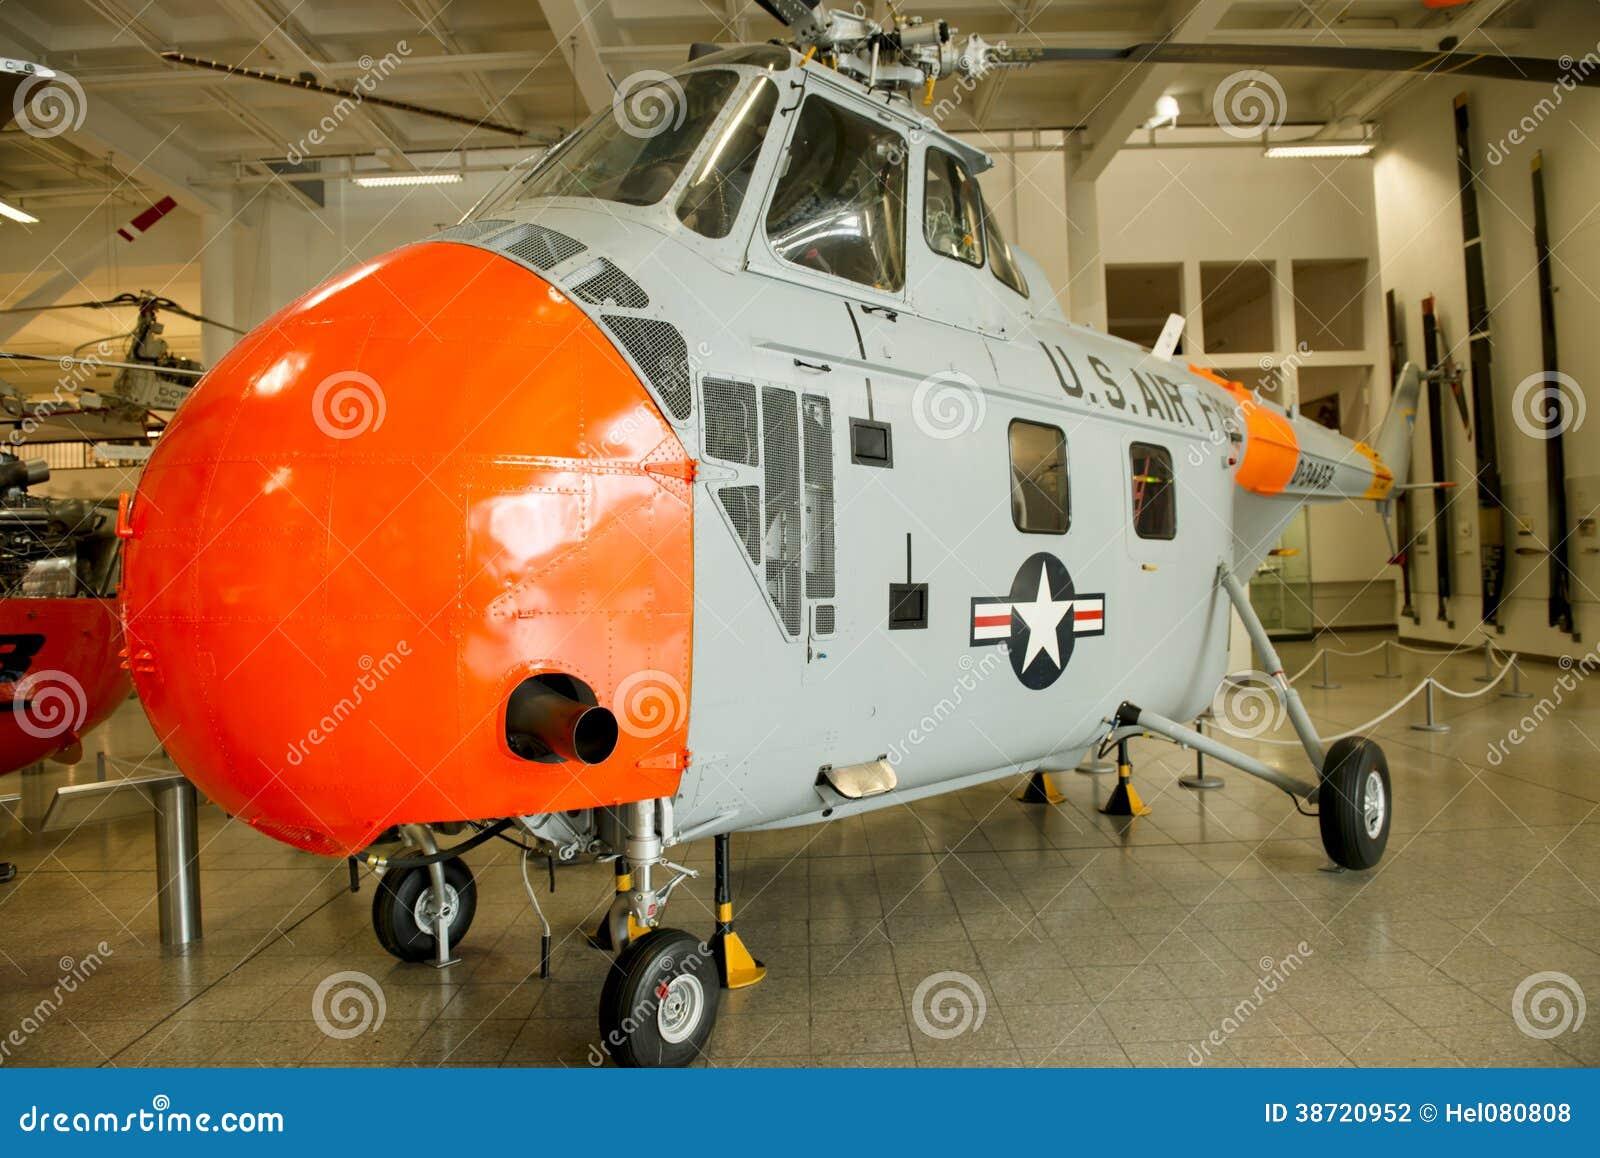 Elicottero S 55 : Elicottero sikorsky hh b s fotografia